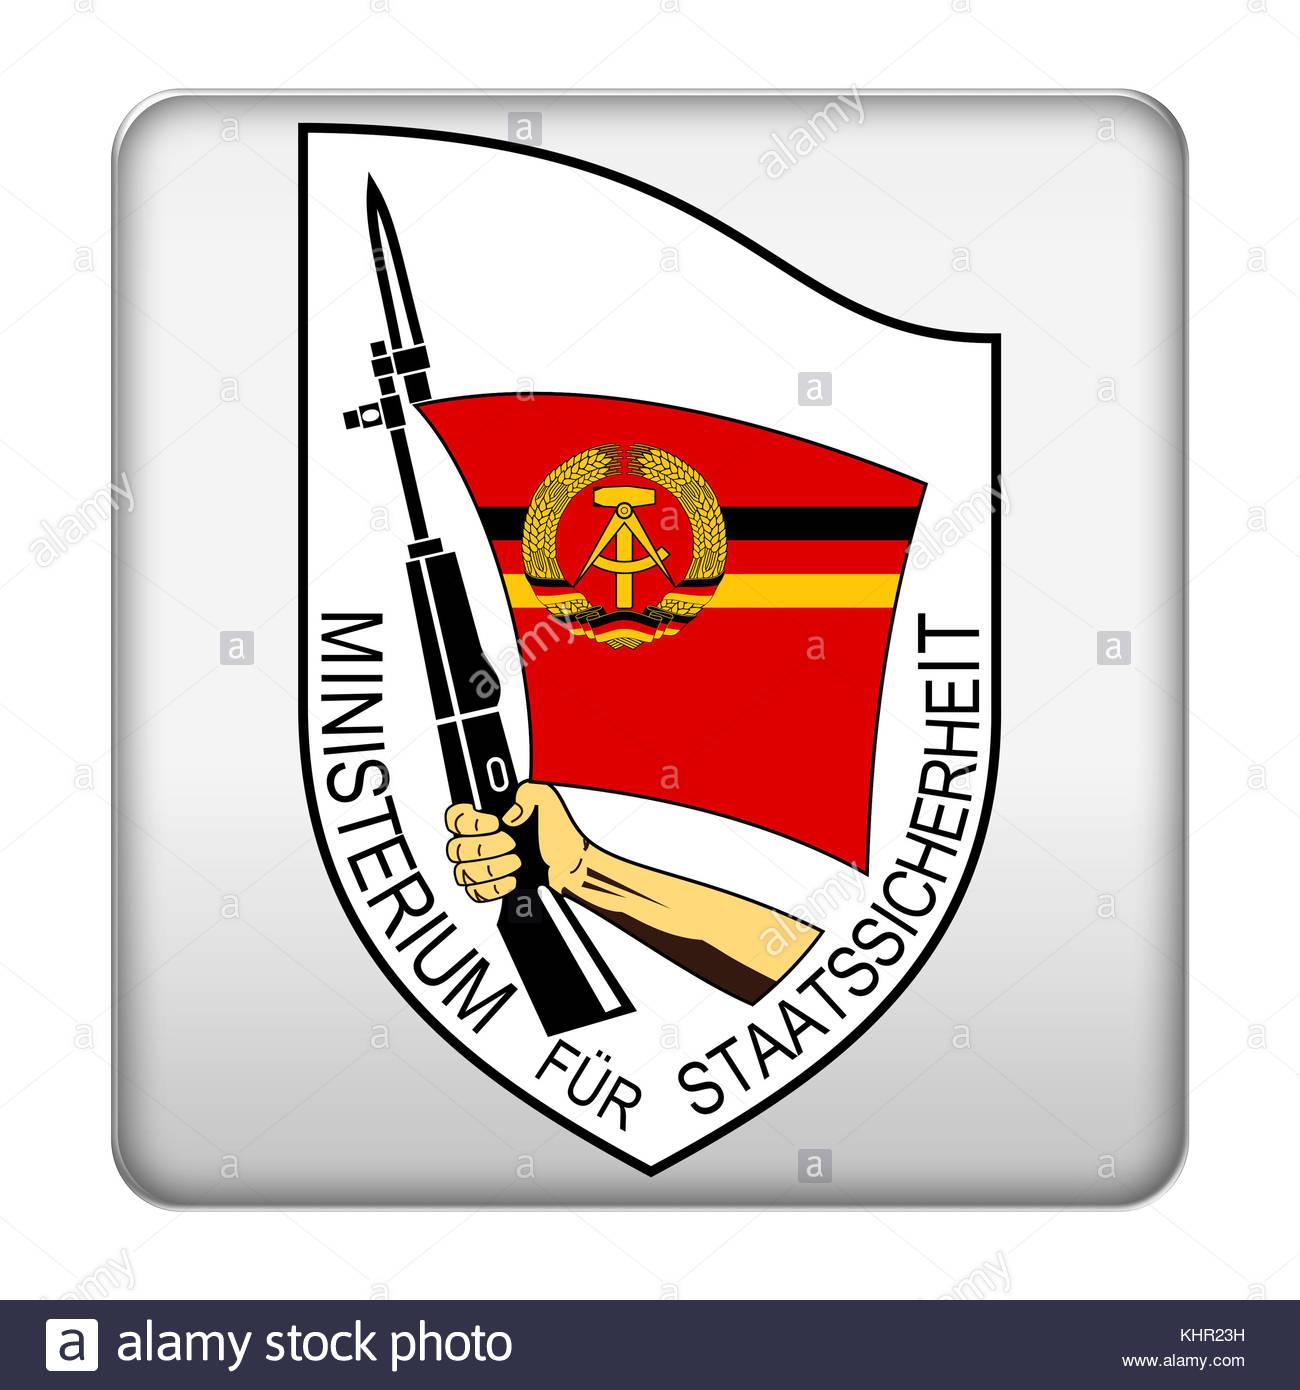 Stasi icon logo - Stock Image